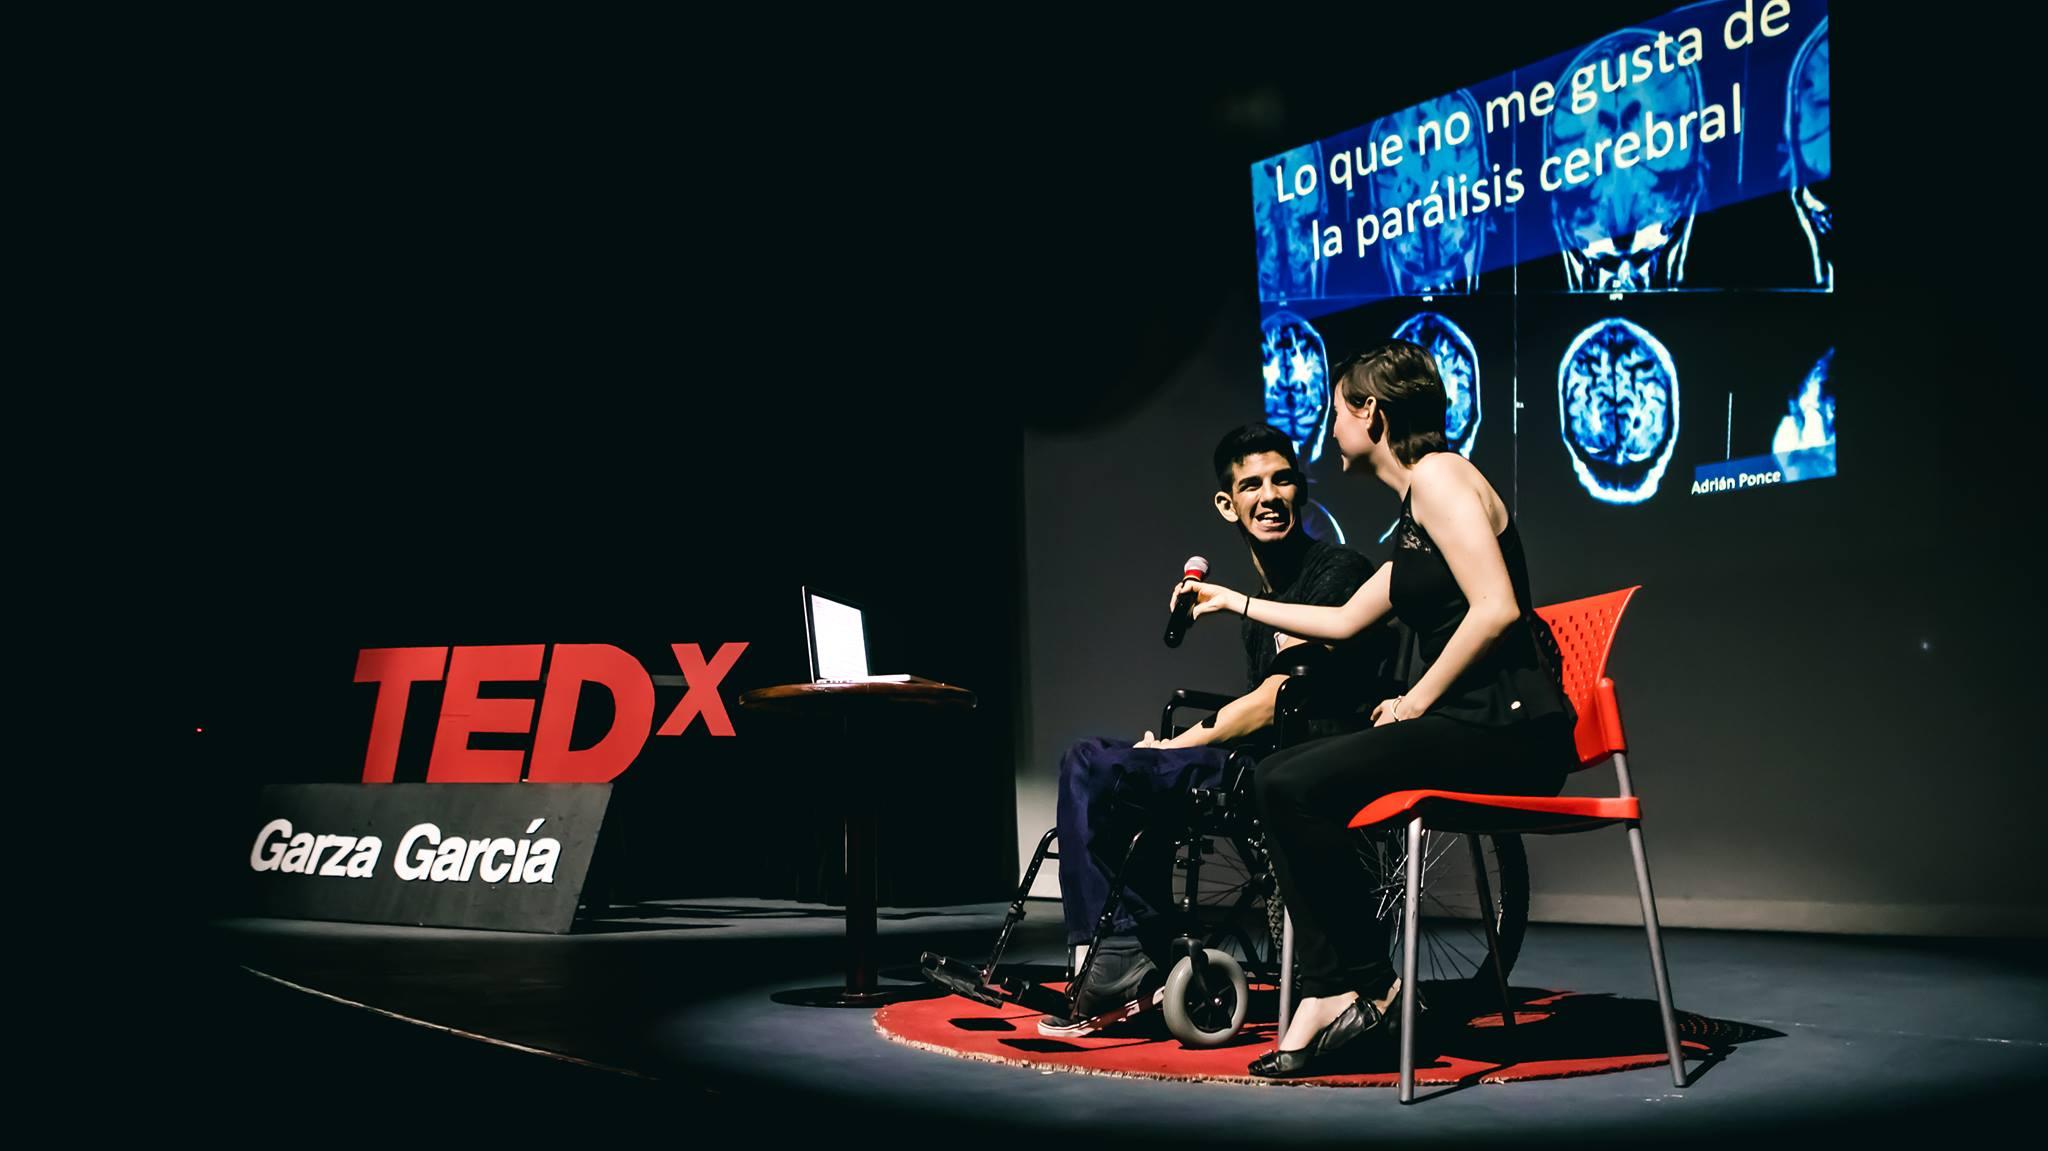 El límite depende de cada uno: Adrián Ponce, conferencista y gamer